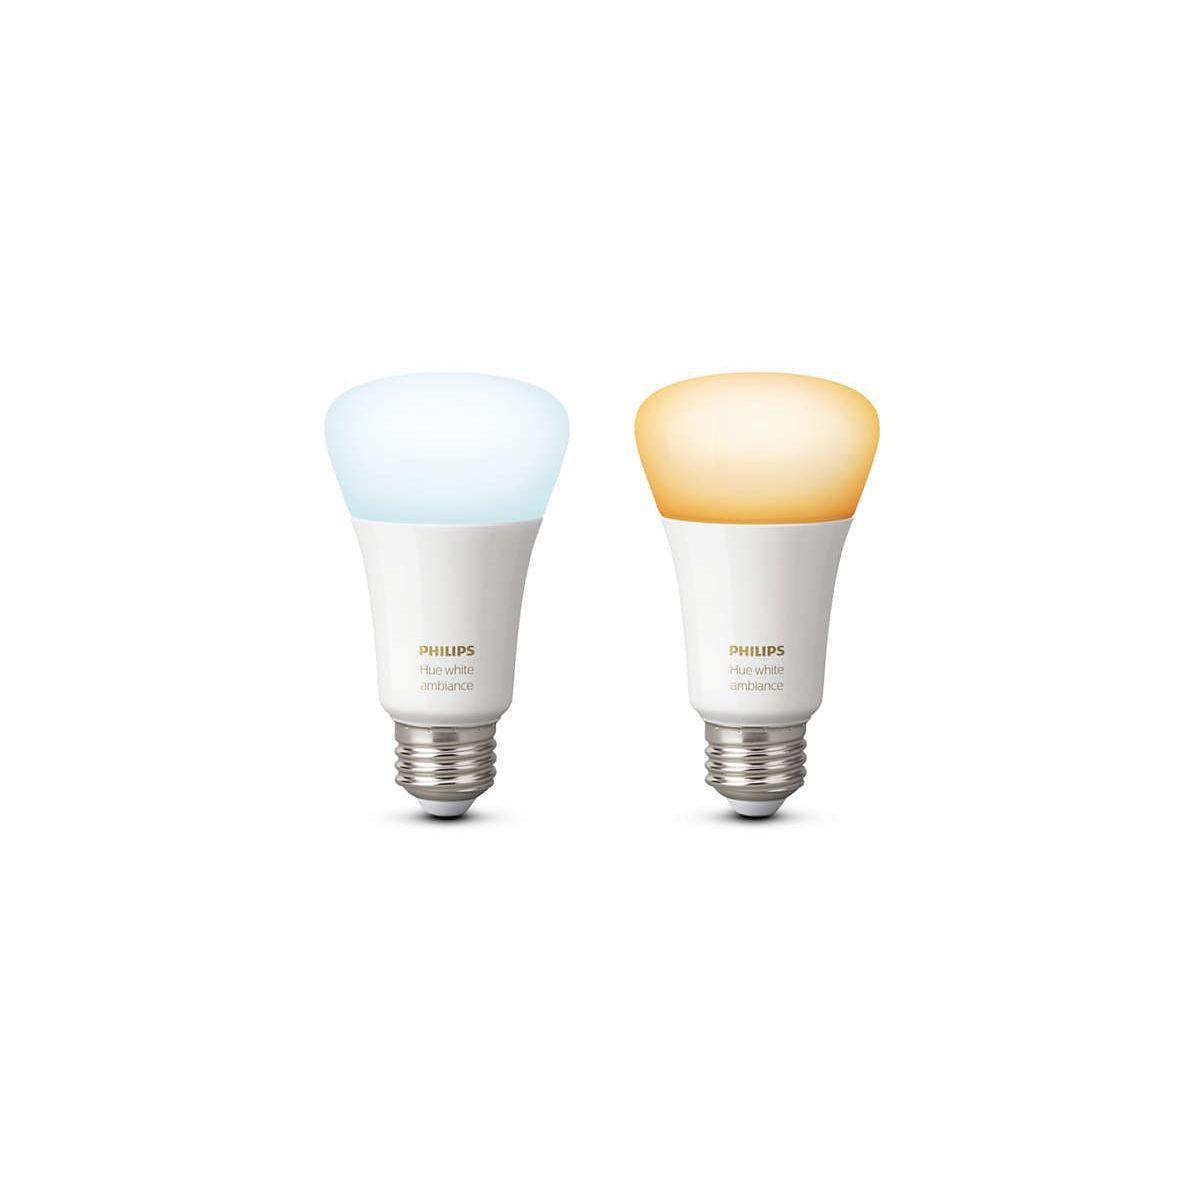 Ampoule connectable philips pack x2 e27 white & ambiance - 2% de remise imm�diate avec le code : school2 (photo)